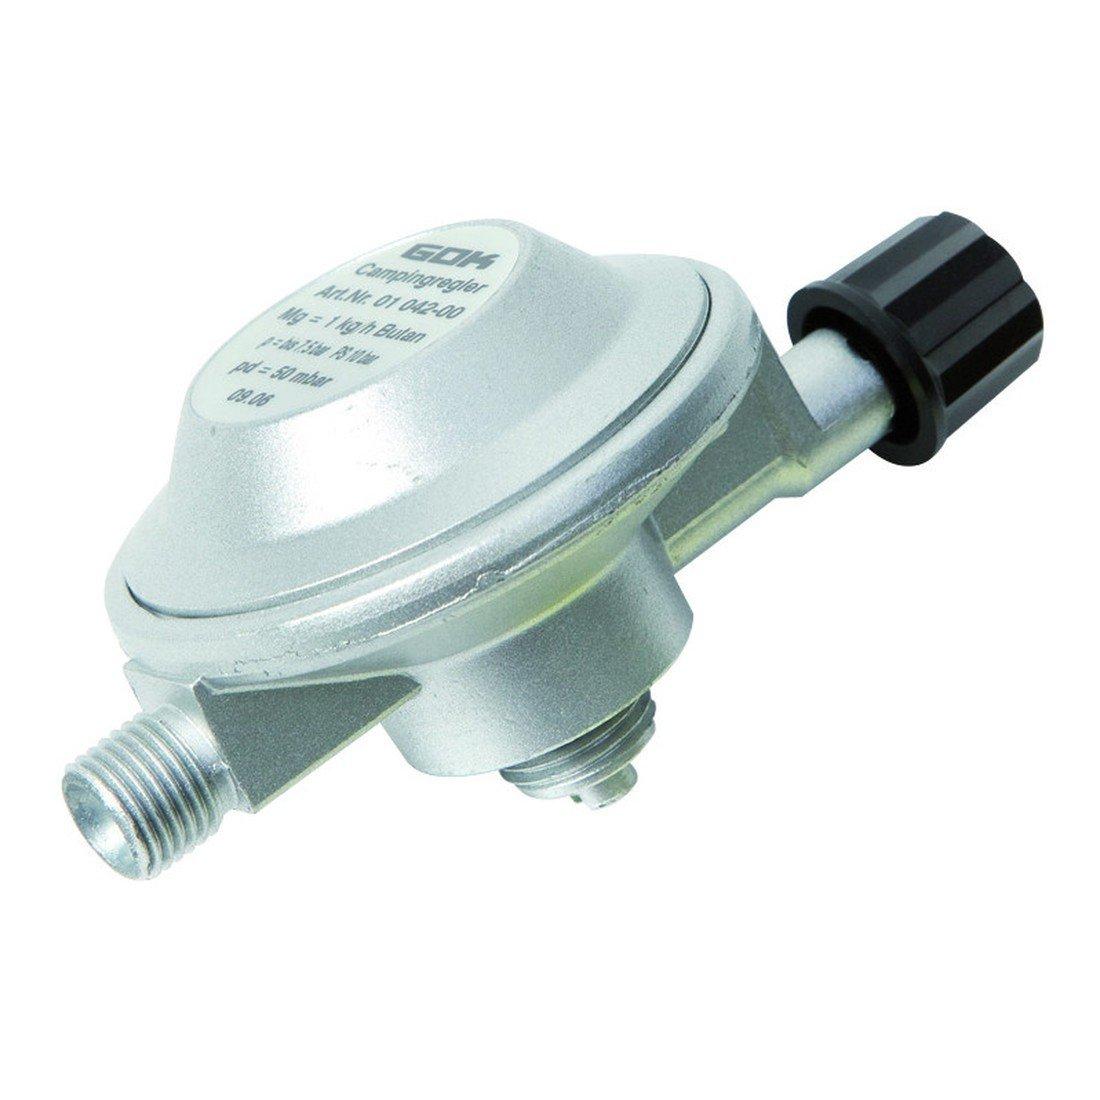 GOK Niederdruckregler Cam 1 Gaz X G 1/4 LH-KN 50Mbar, 310/701-1 01-041-00